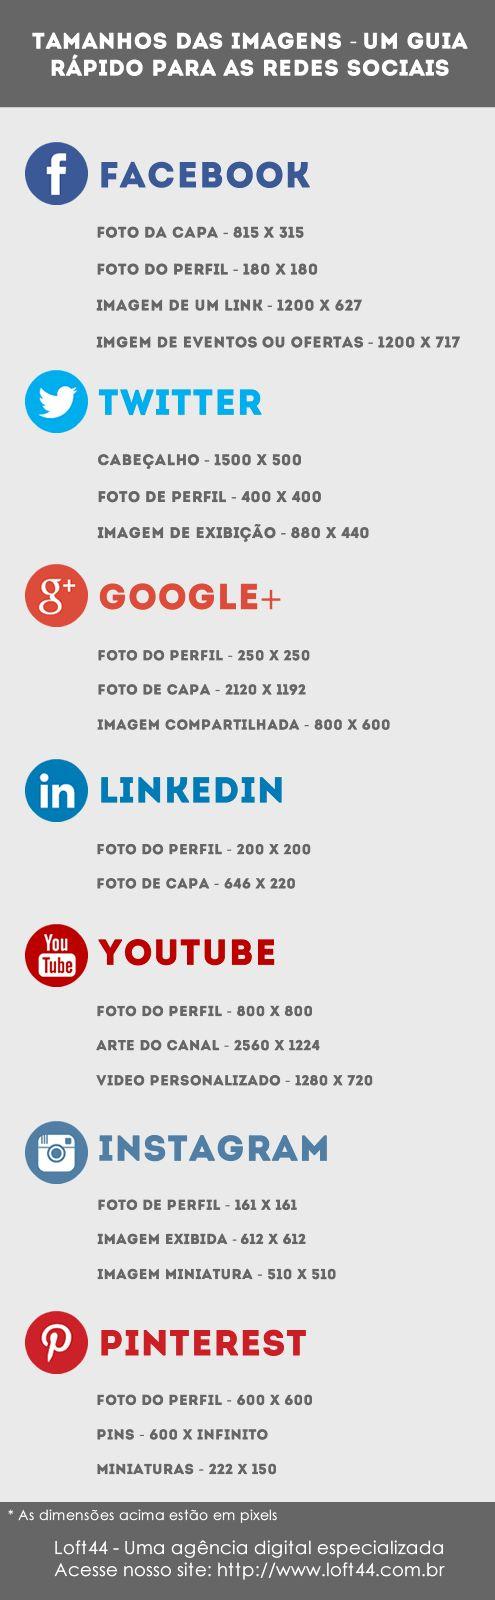 Um guia rápido para você não perder mais tempo na web buscando informações de tamanho de imagens para as redes sociais. - Loft44.com.br #Loft44